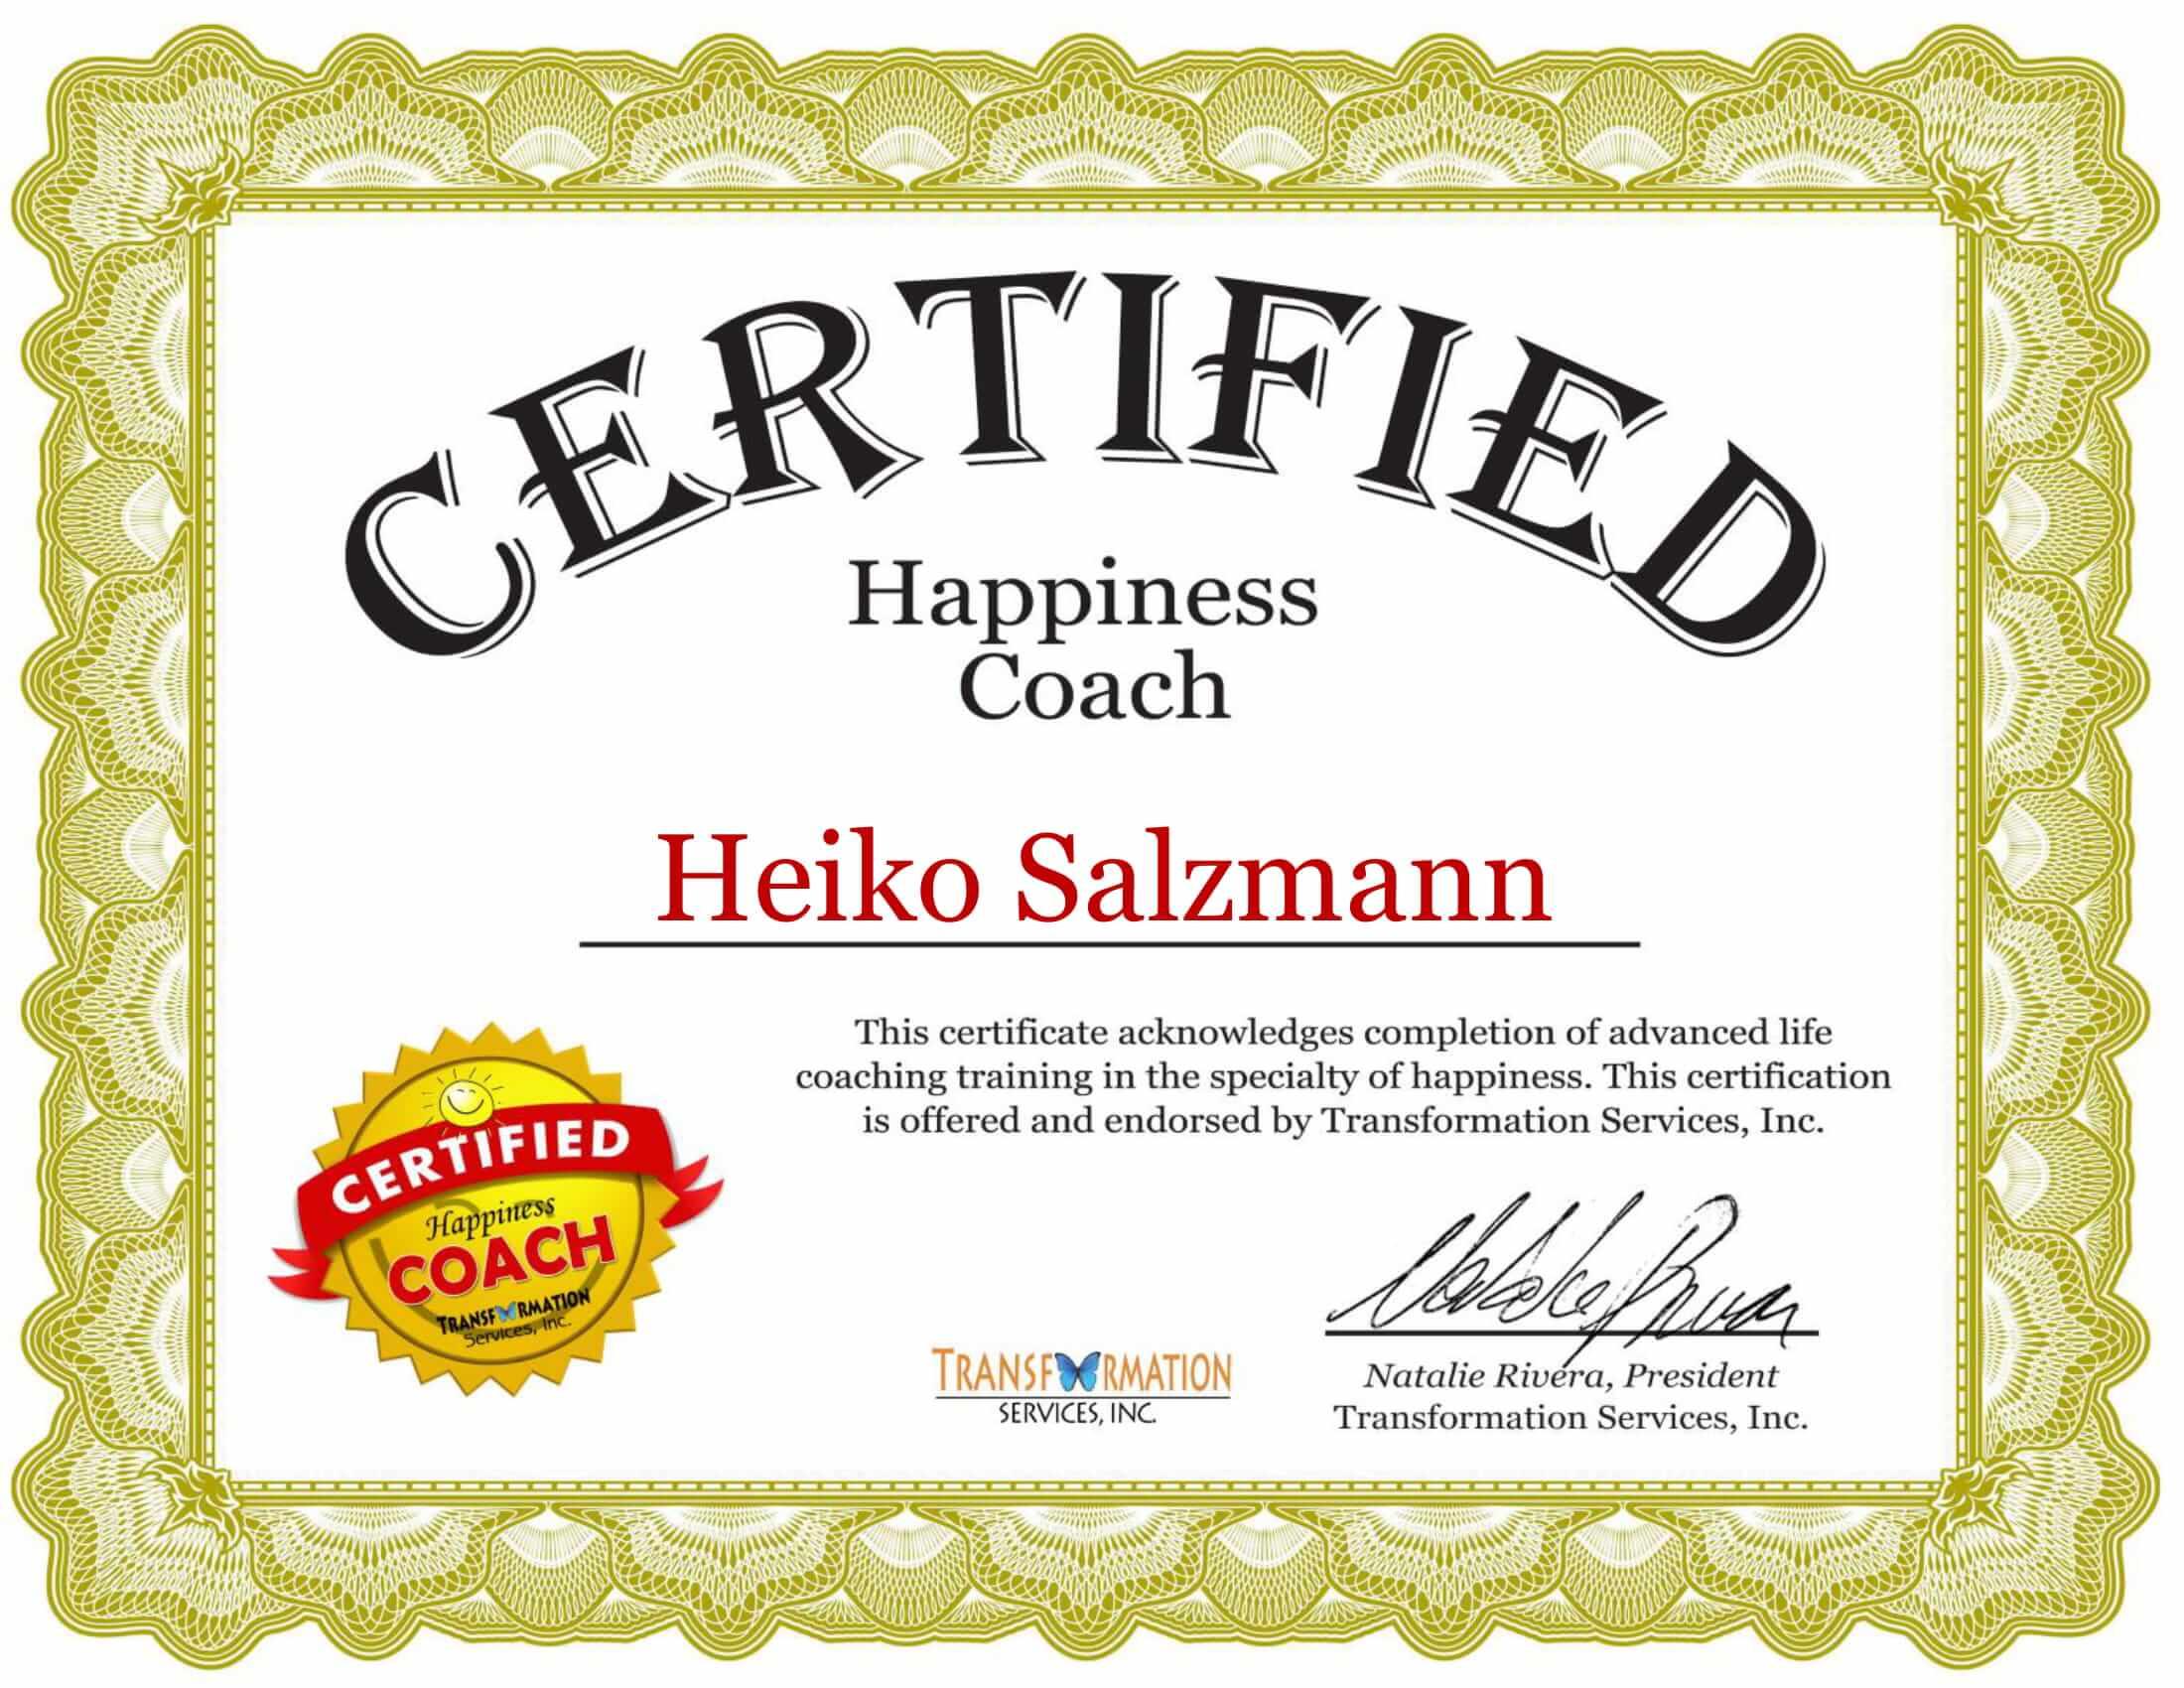 happinesscoach_zertifizierung_heikosalzmann